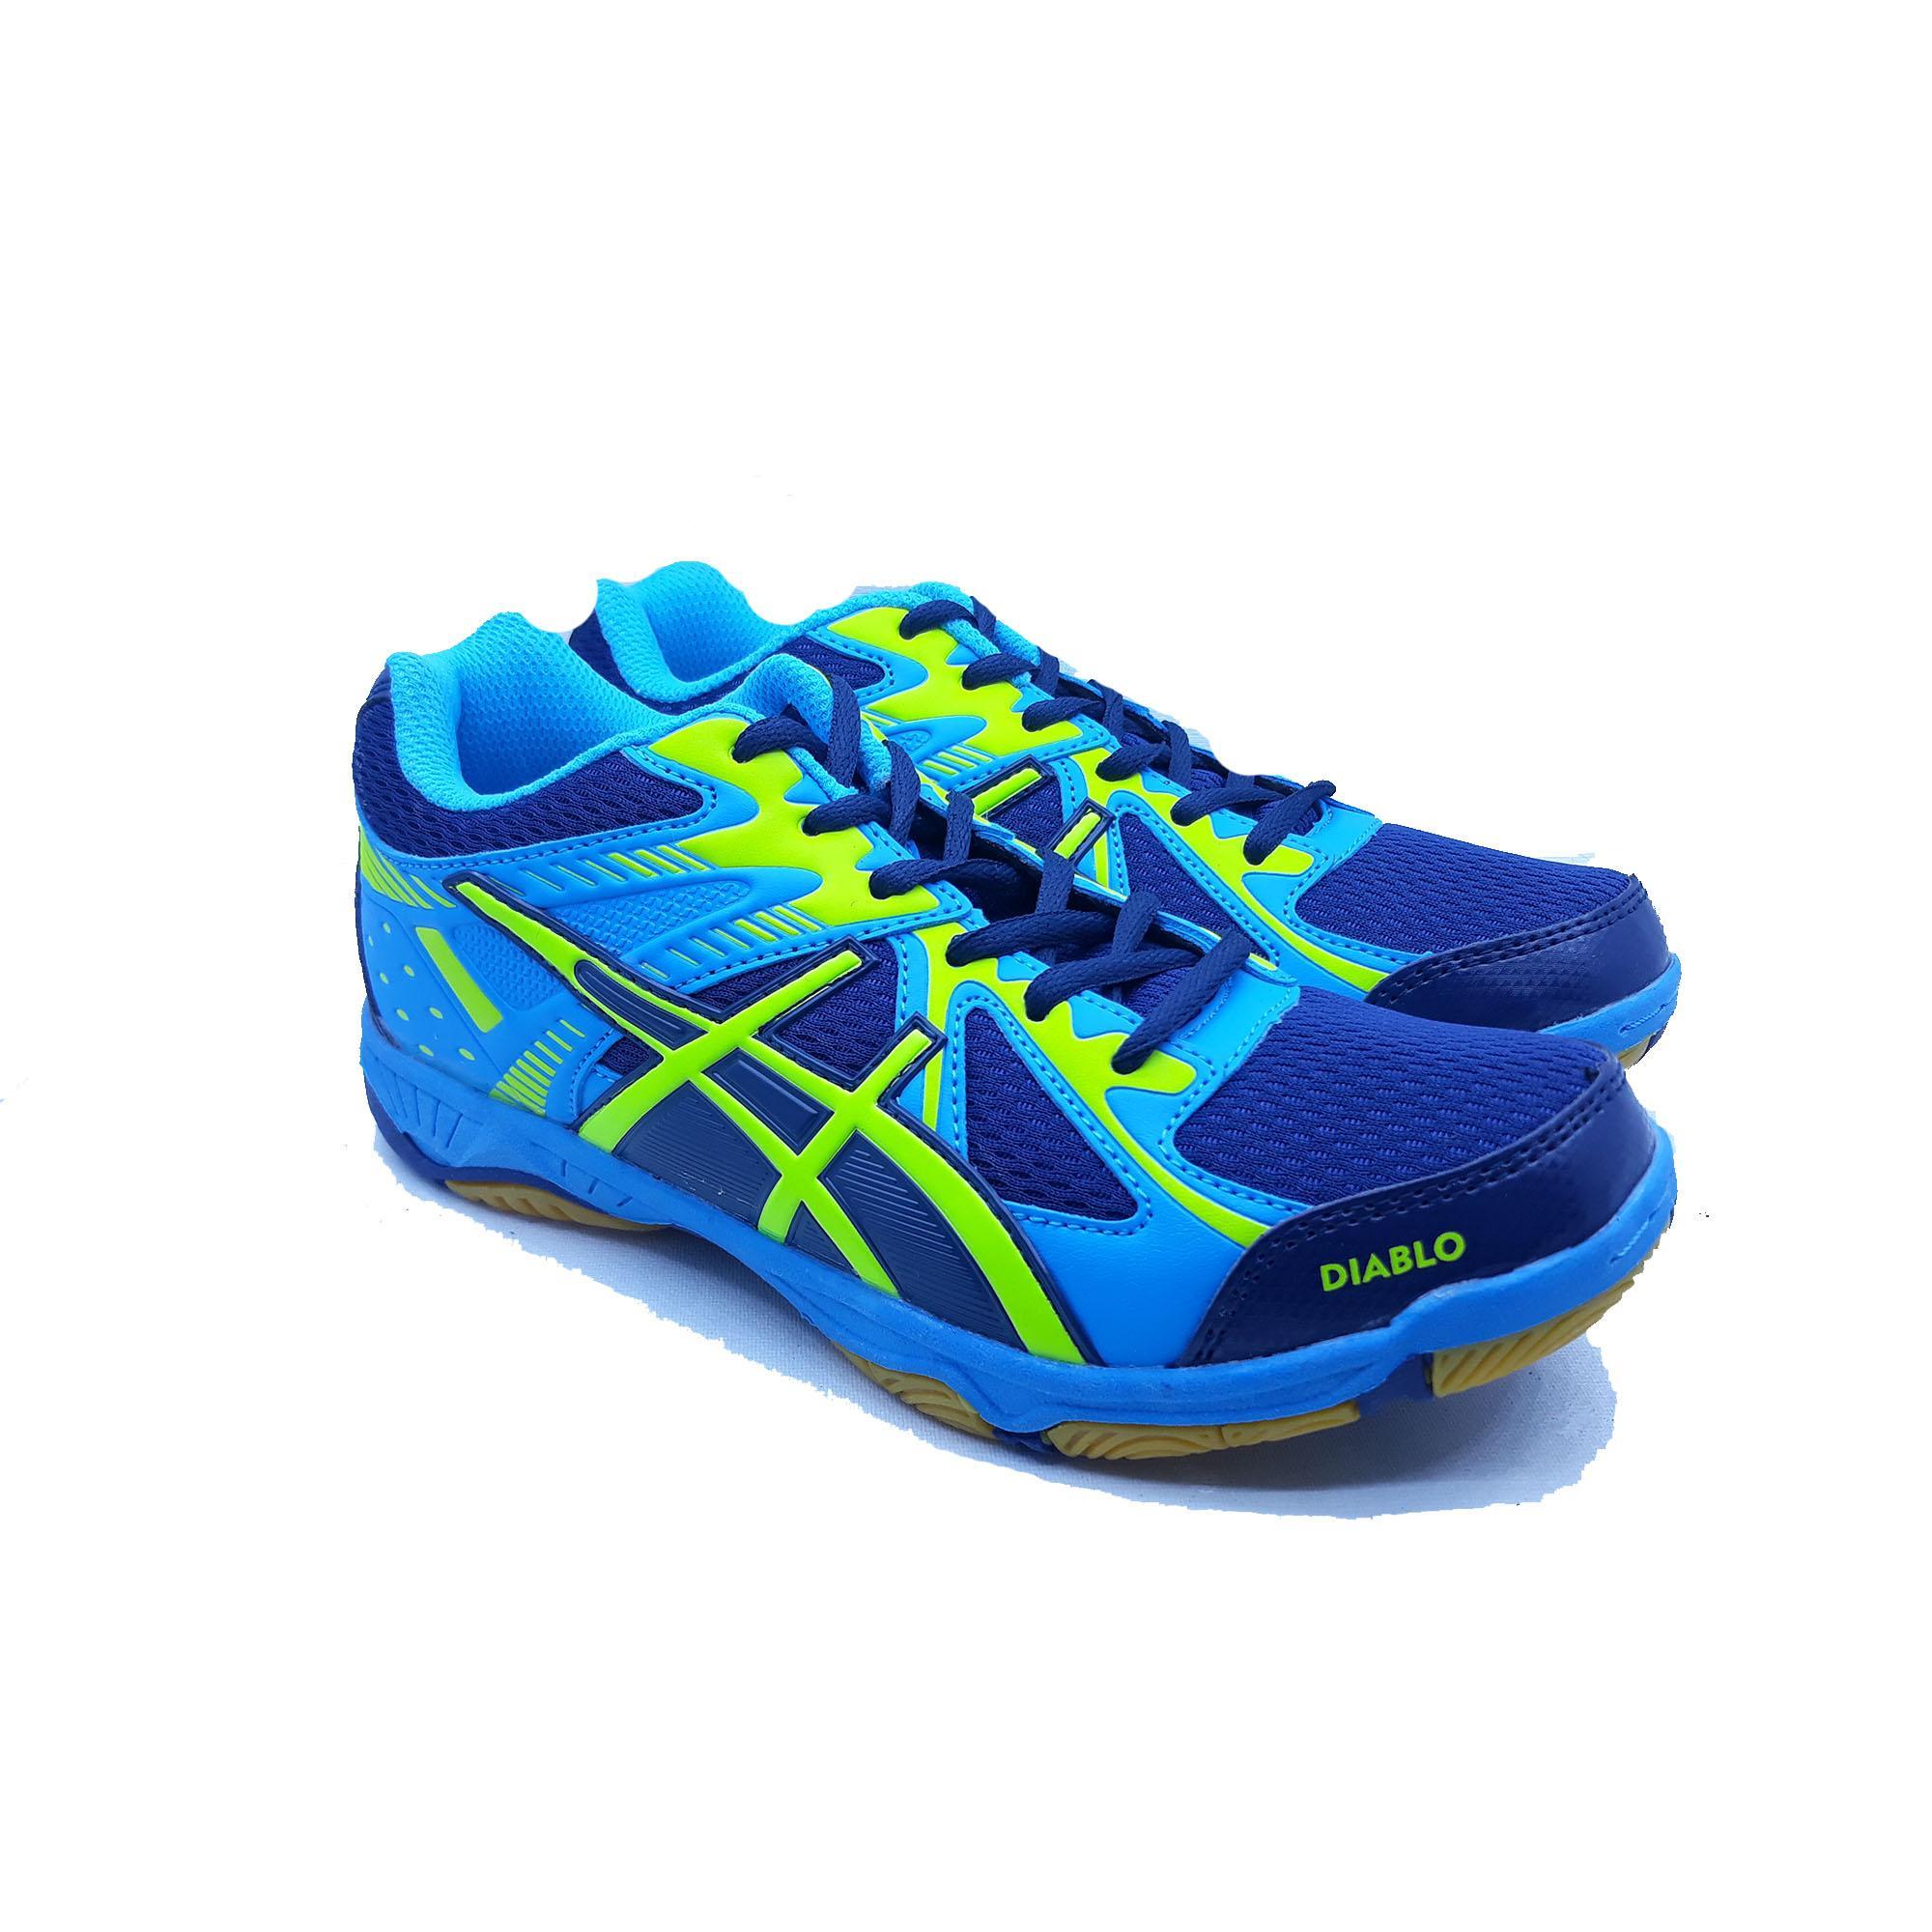 Sepatu Olahraga Badminton Professional Diablo - Navy Turkis Neon Green fd1d27bb57